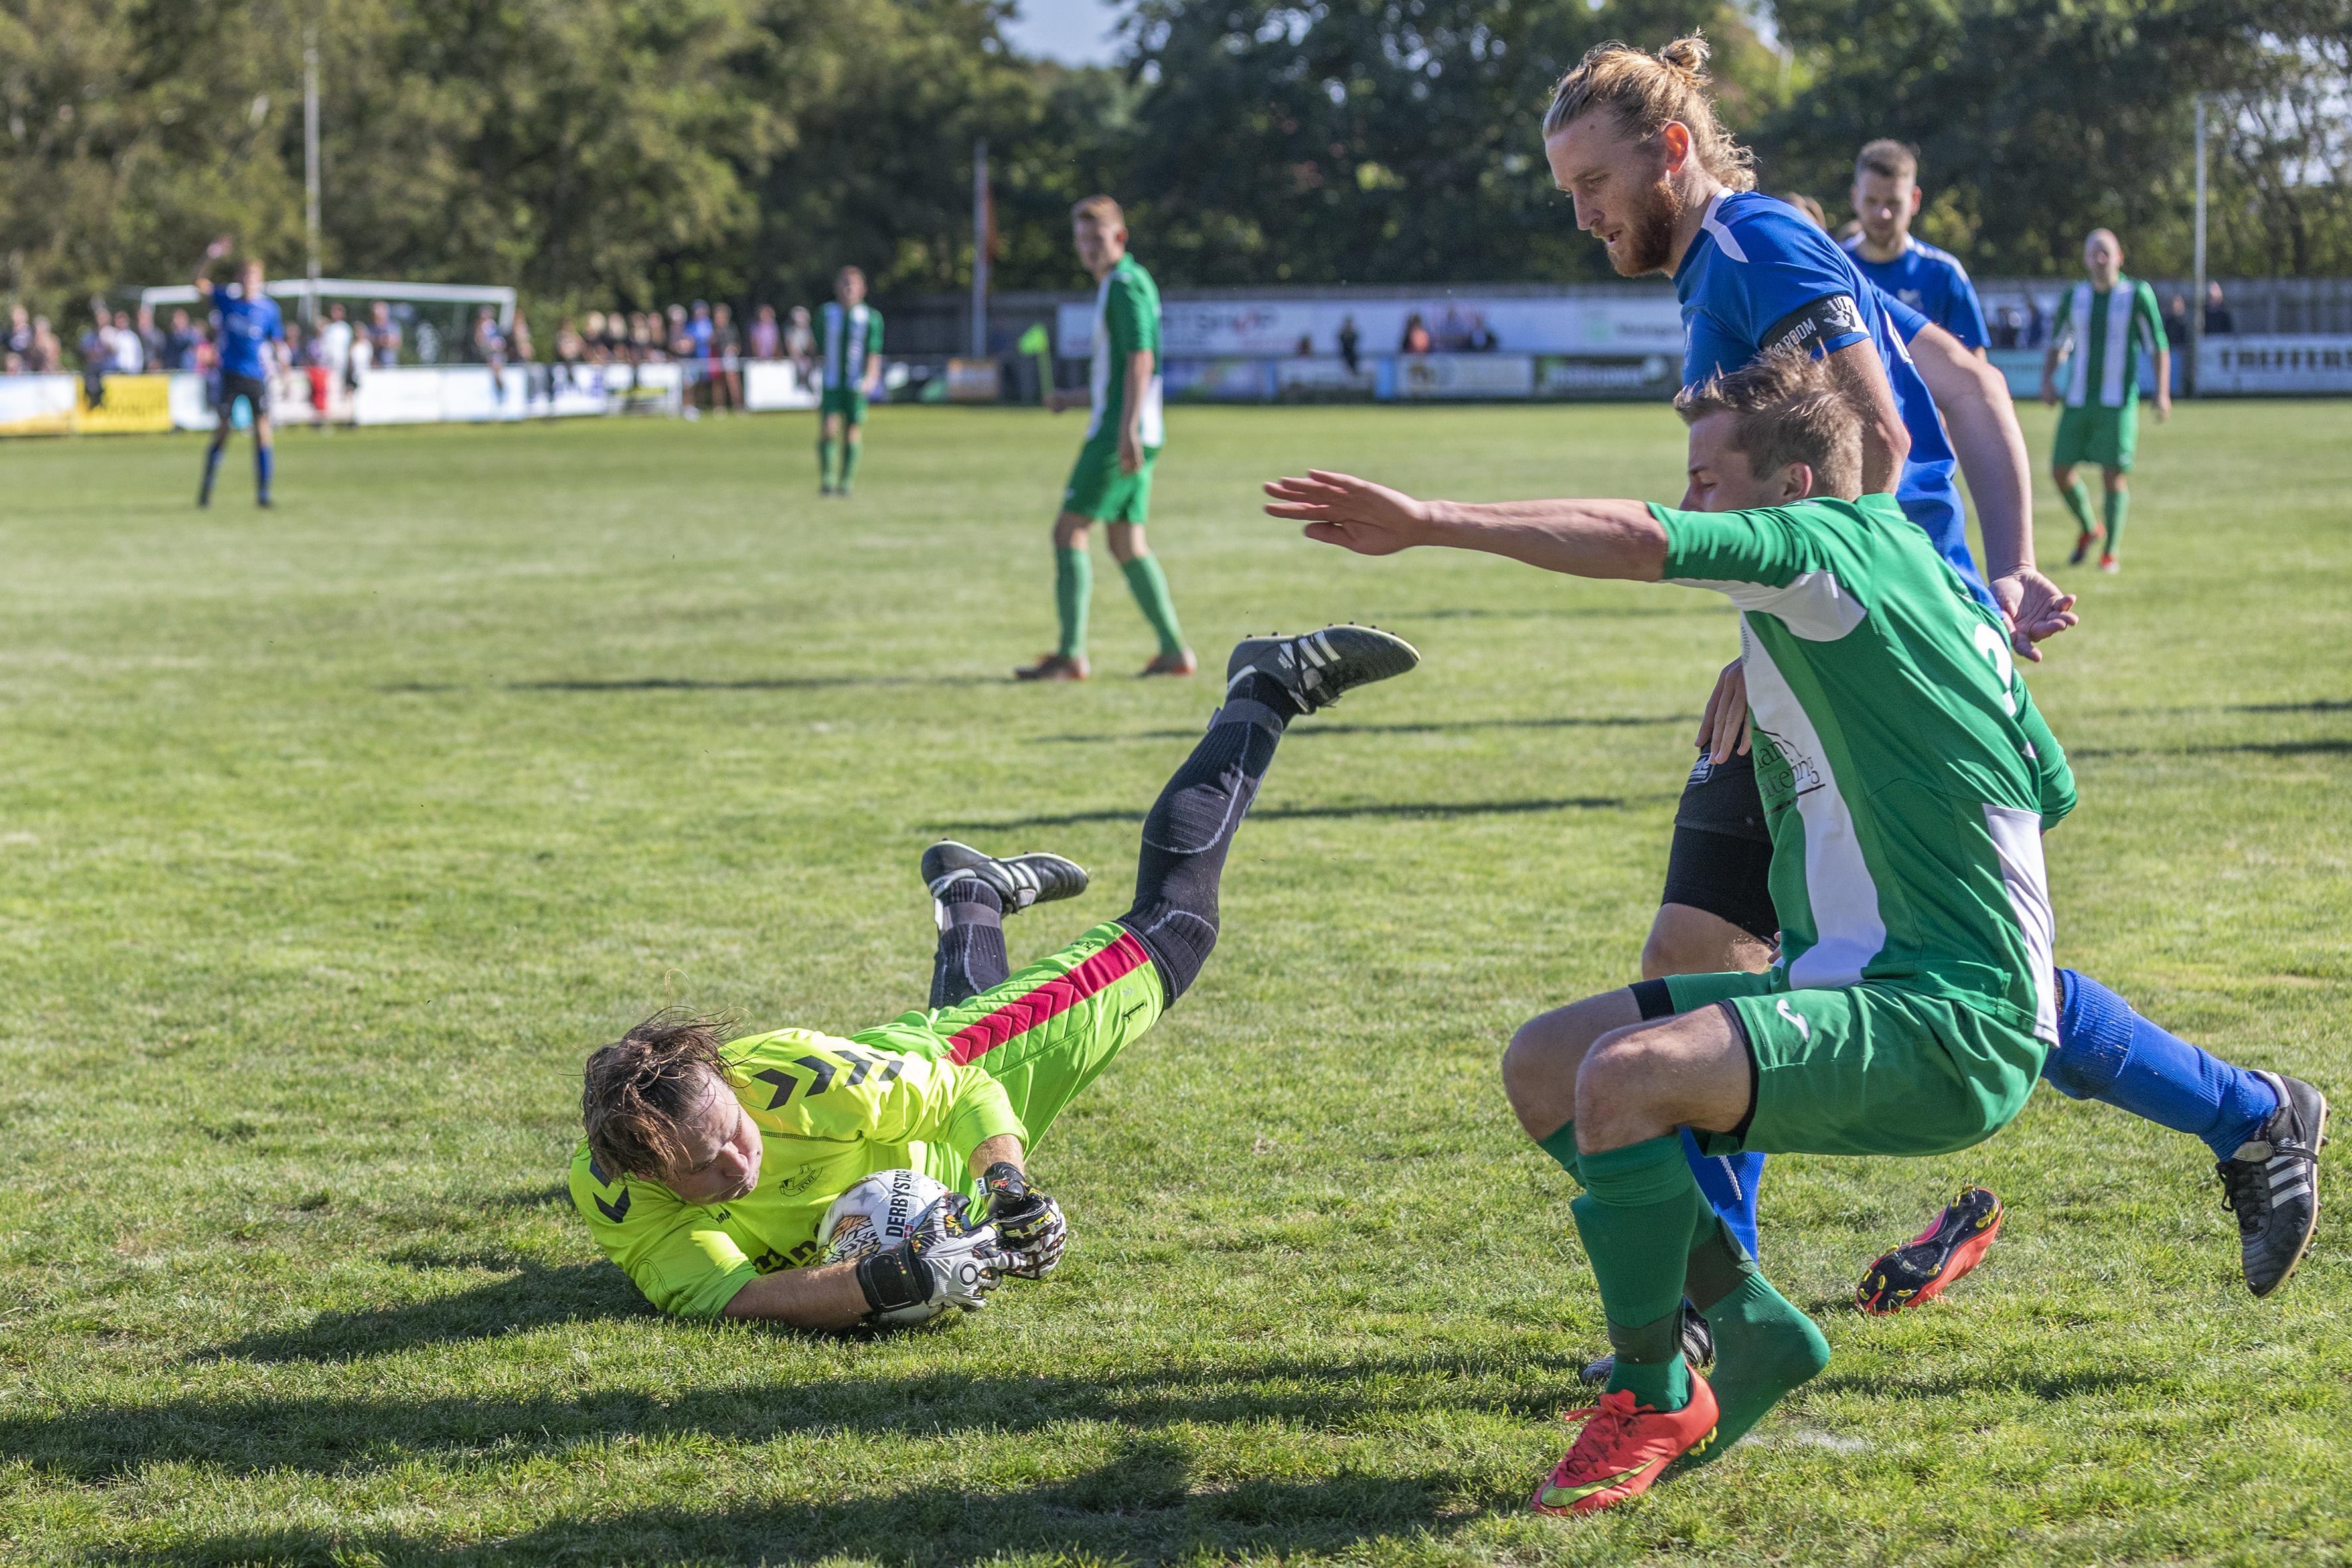 Keepers herkennen dat gevoel van hengelen tussen twee palen zoals Delano van Crooy met VVV tegen Ajax moest doen: 'Ik ben de uitslag meteen weer vergeten'